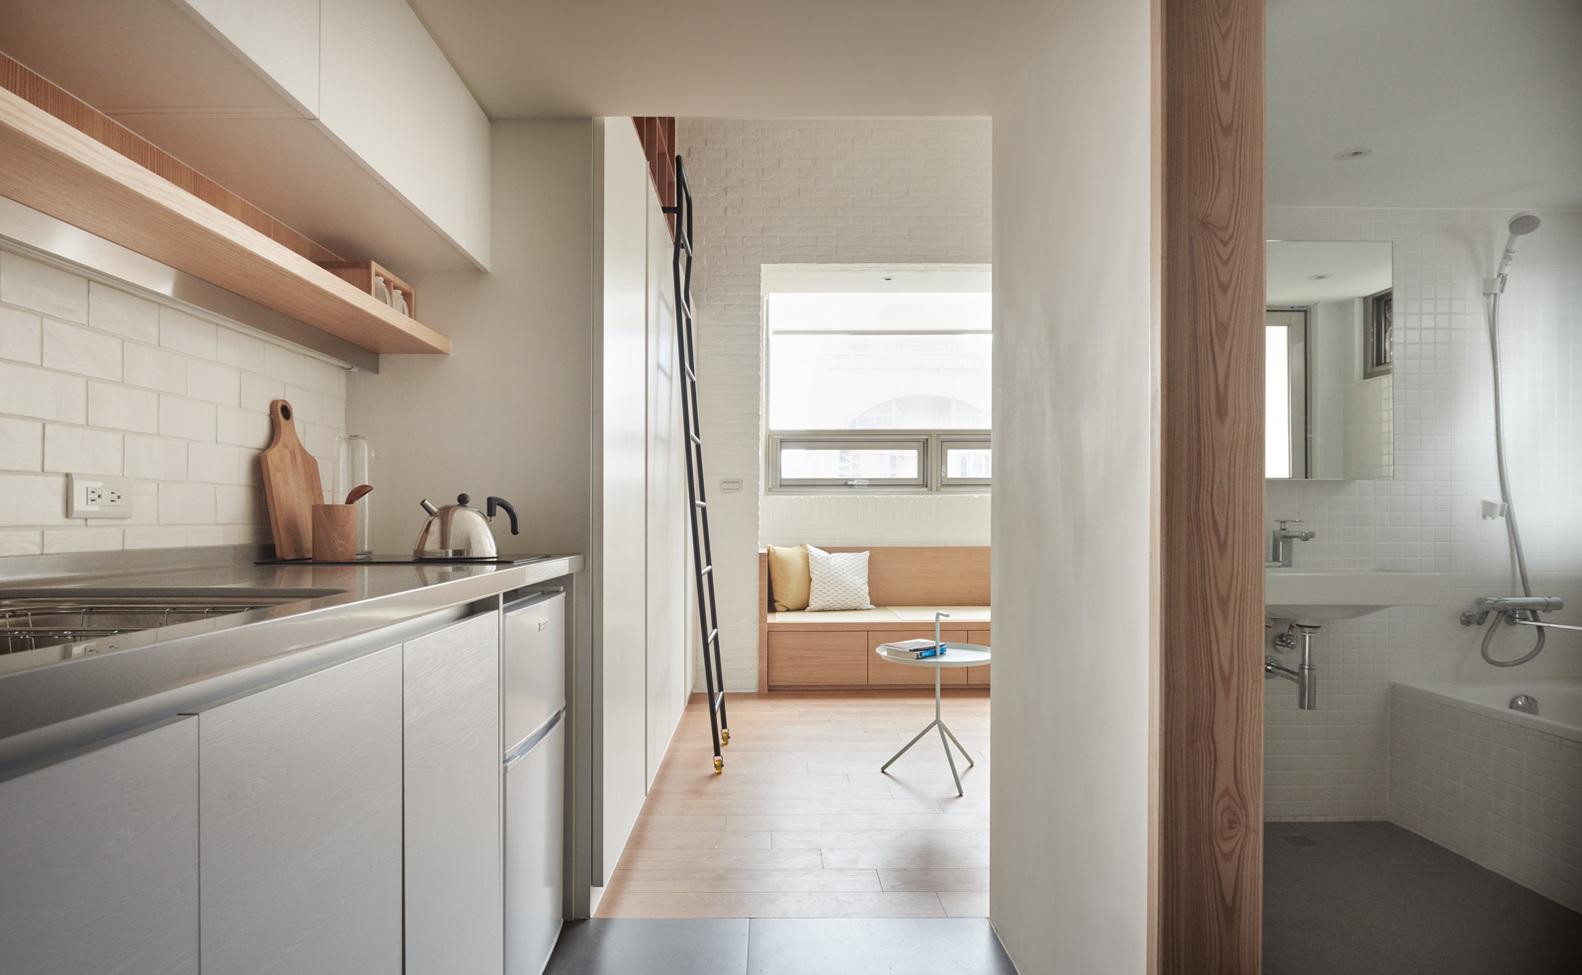 22 Sq M Apartment Interior In Taiwan Viskas Apie Interjerą